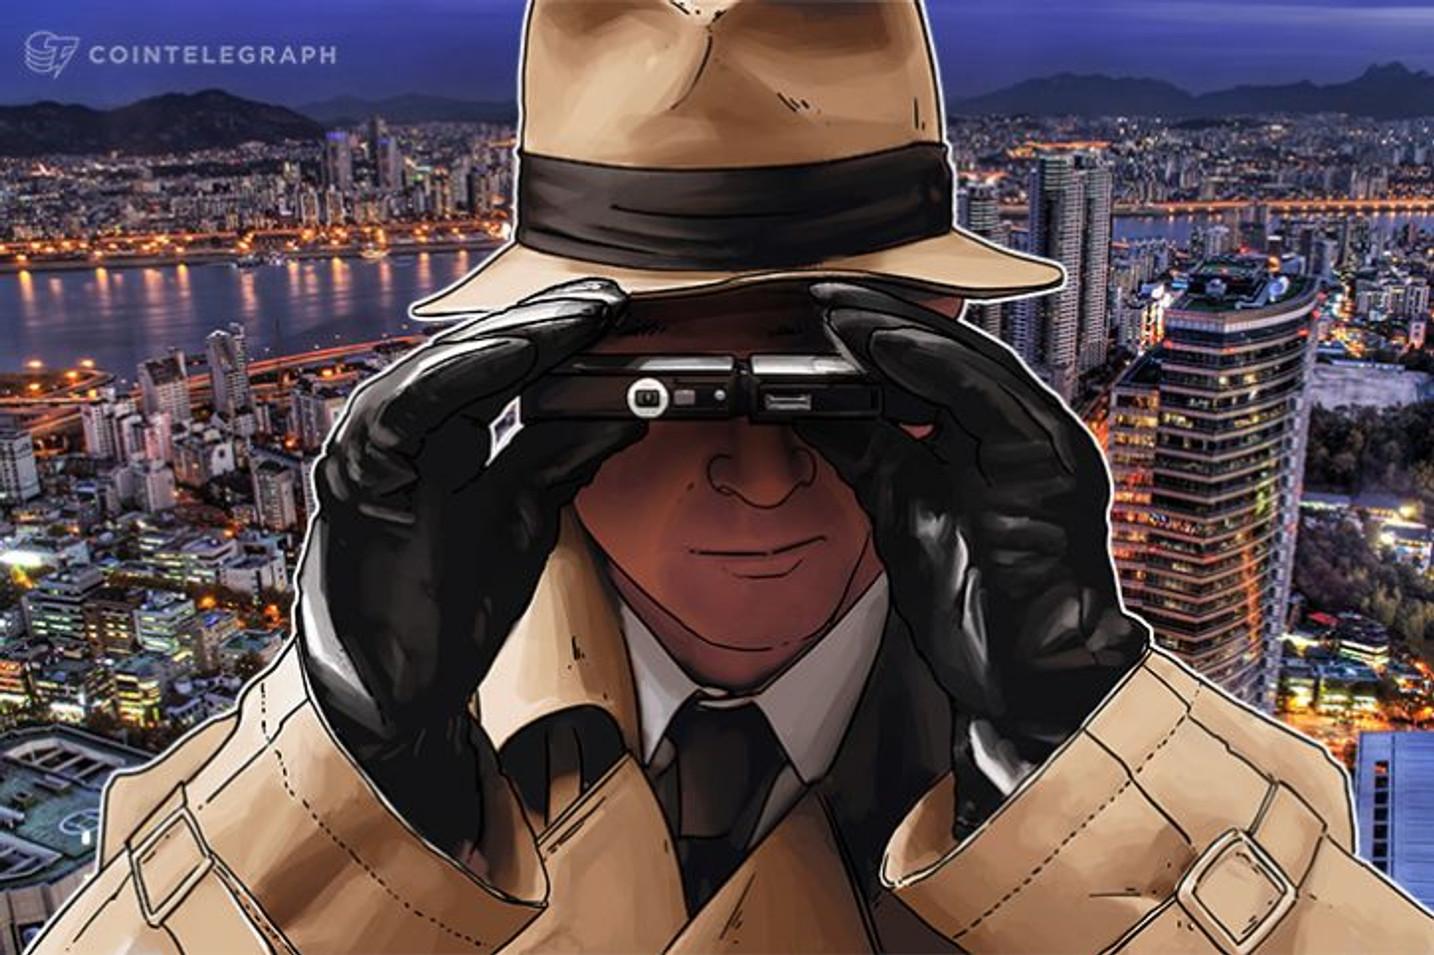 Corea del Sur: Reguladores financieros investigarán a bancos sobre medidas de criptomonedas y antilavado de dinero